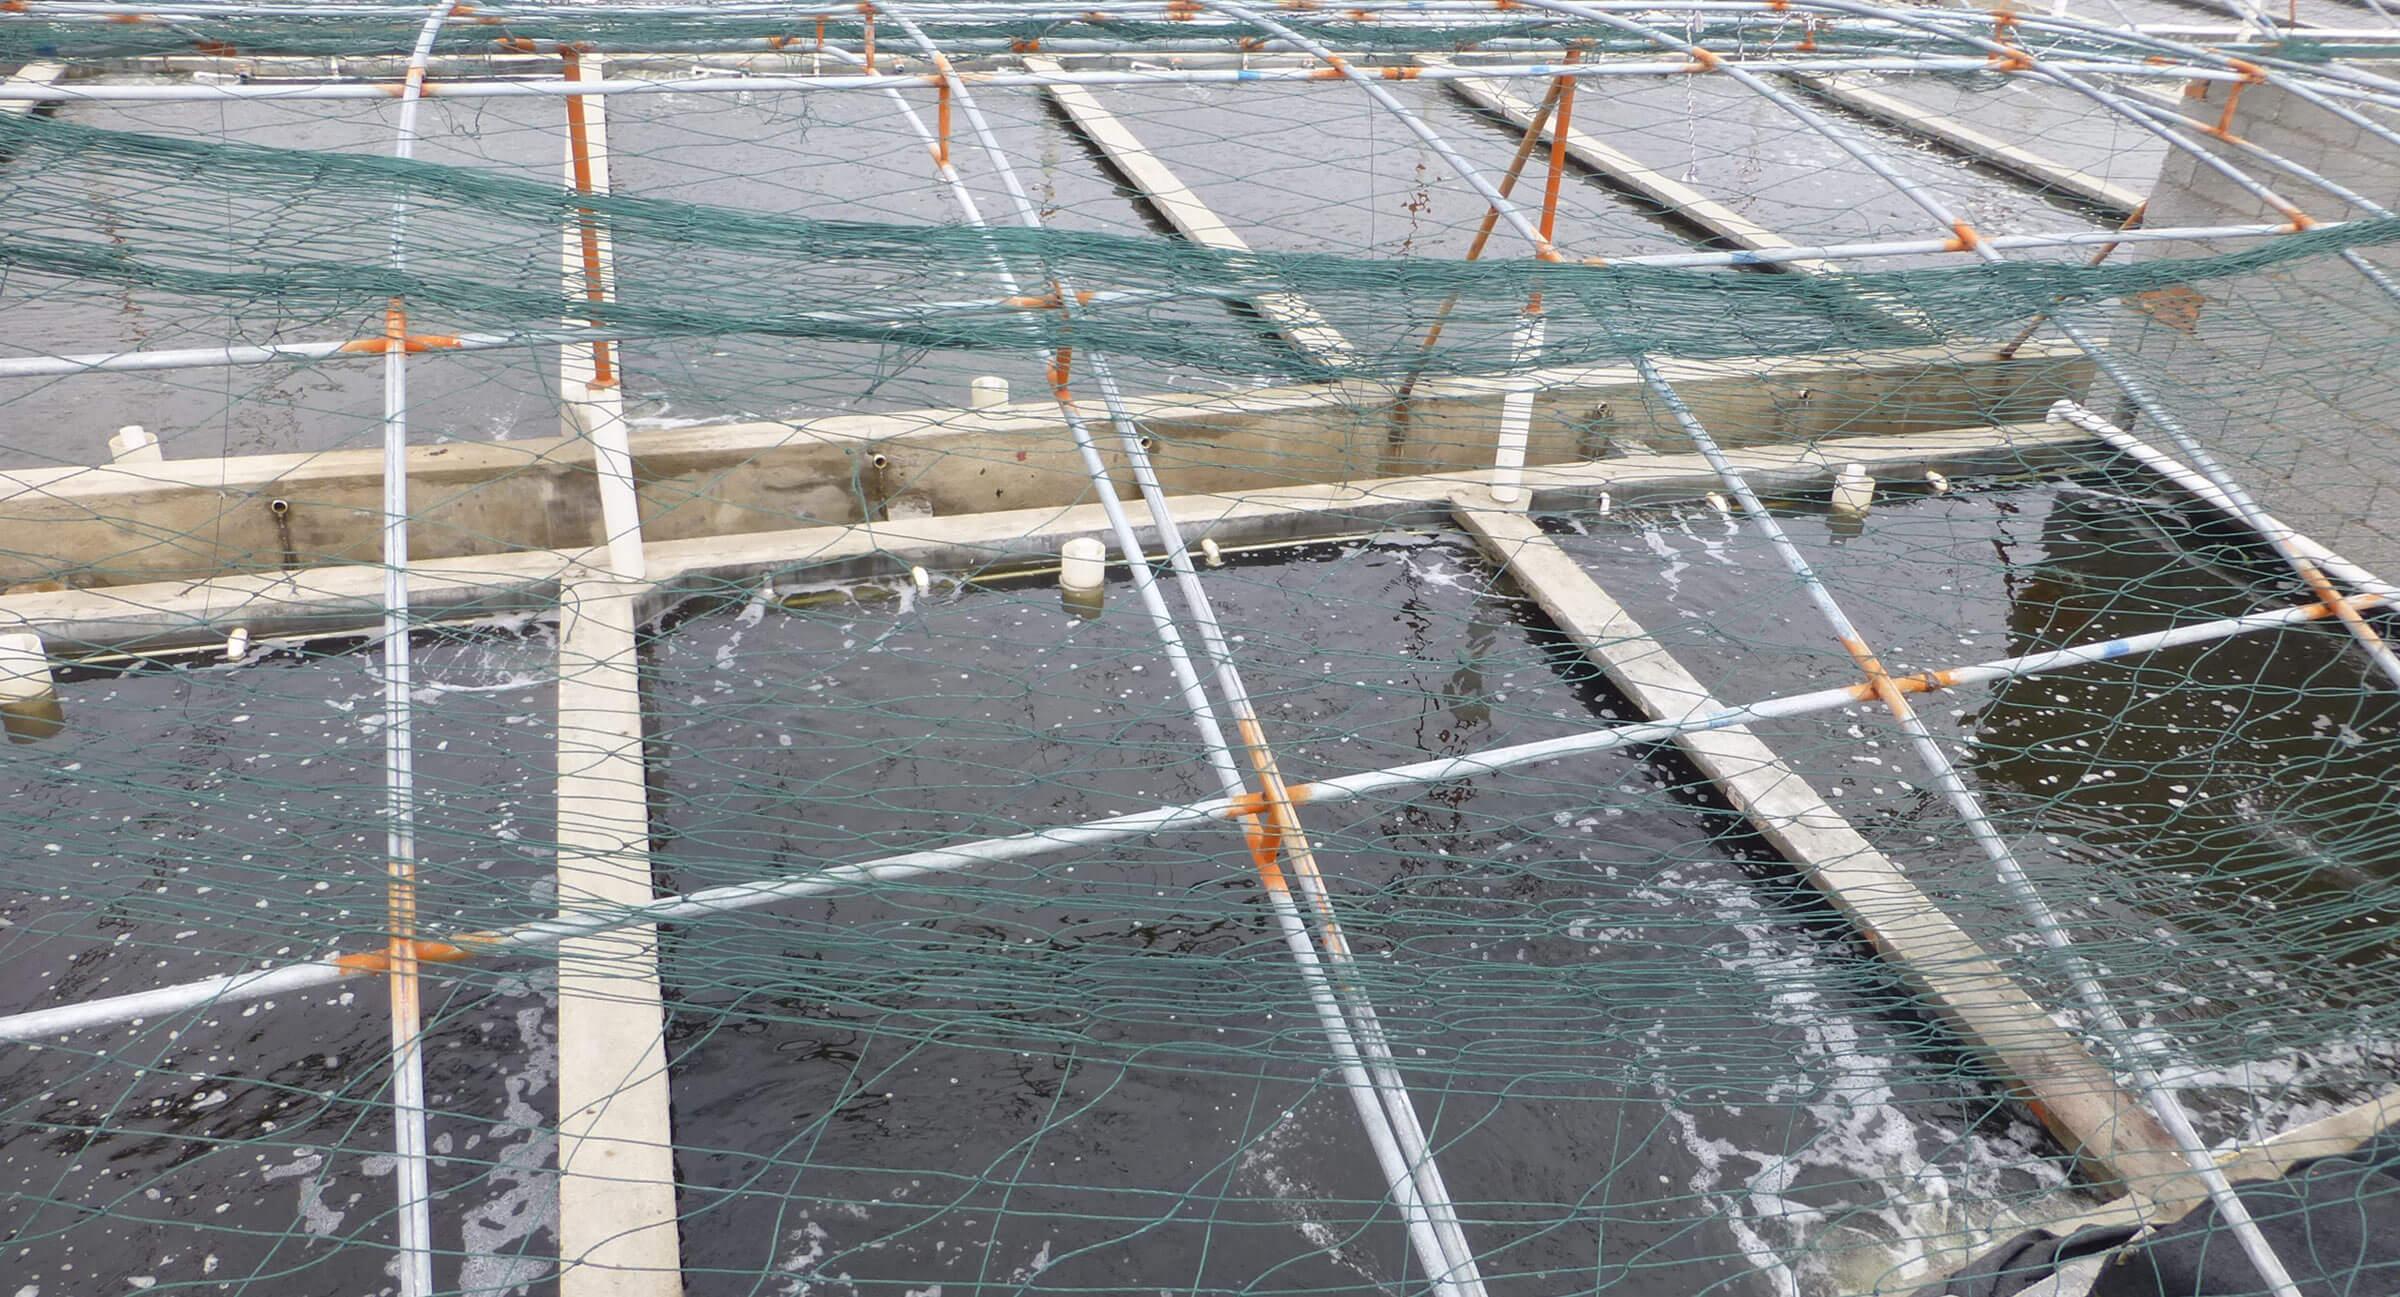 acuicultura, alternativas para cubrir la creciente demanda de pescado.